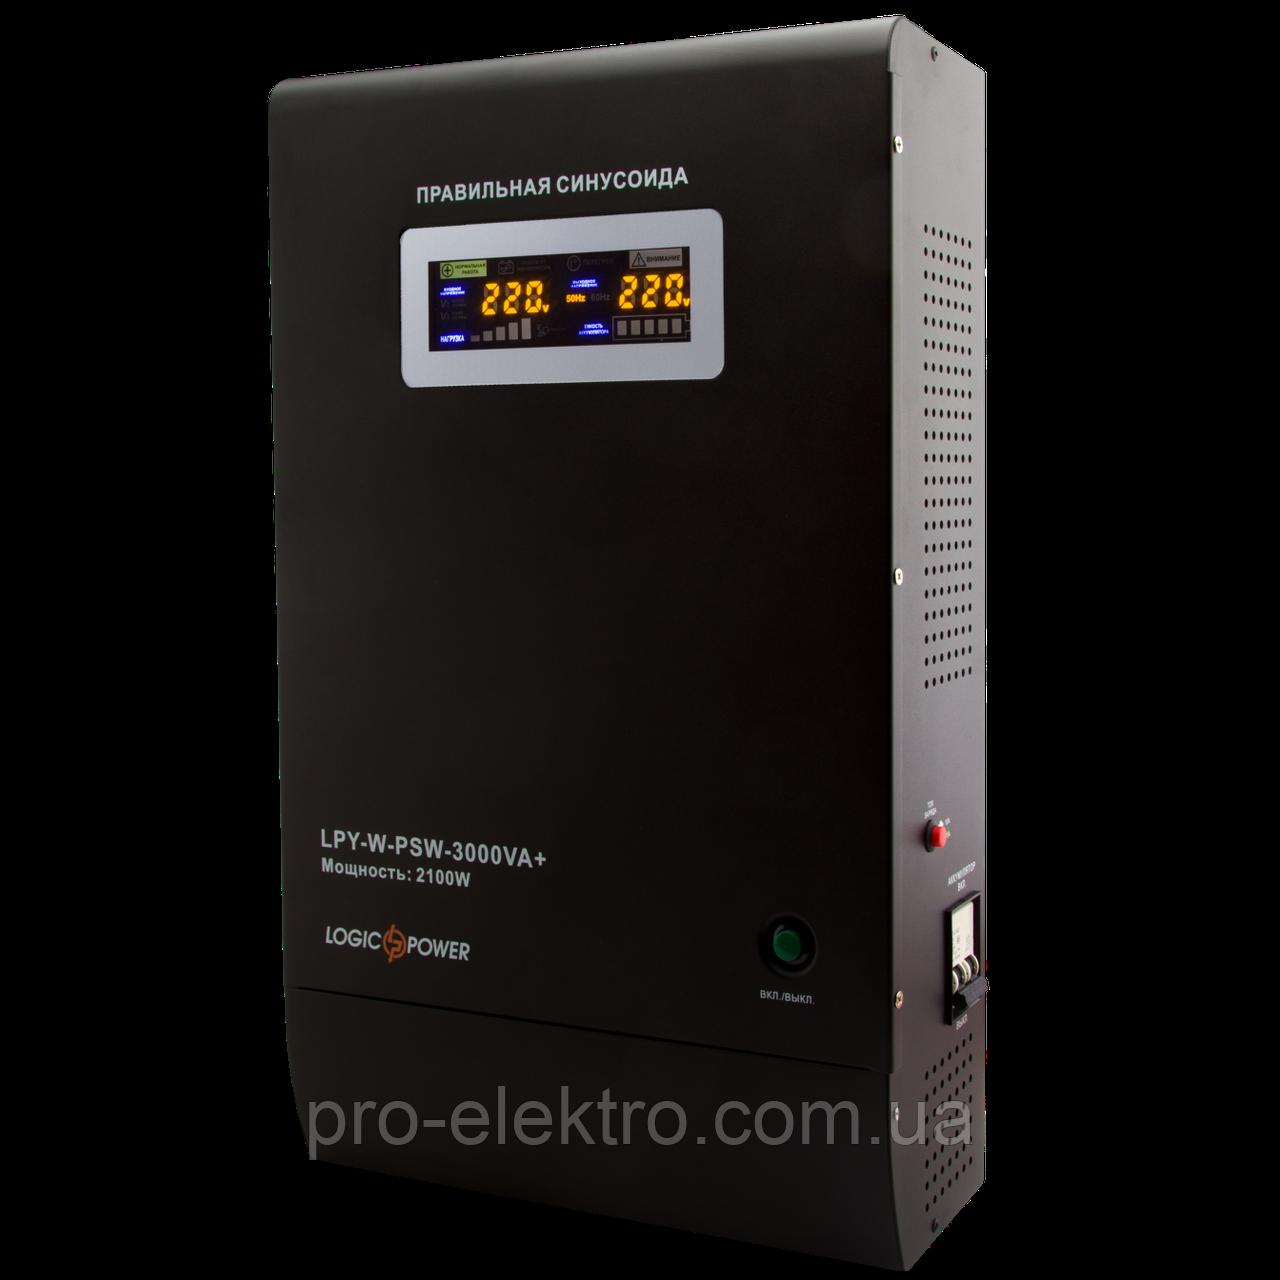 Уценка ИБП Logicpower LPY-W-PSW-3000VA+(2100Вт)10A/15A с правильной синусоидой 48В